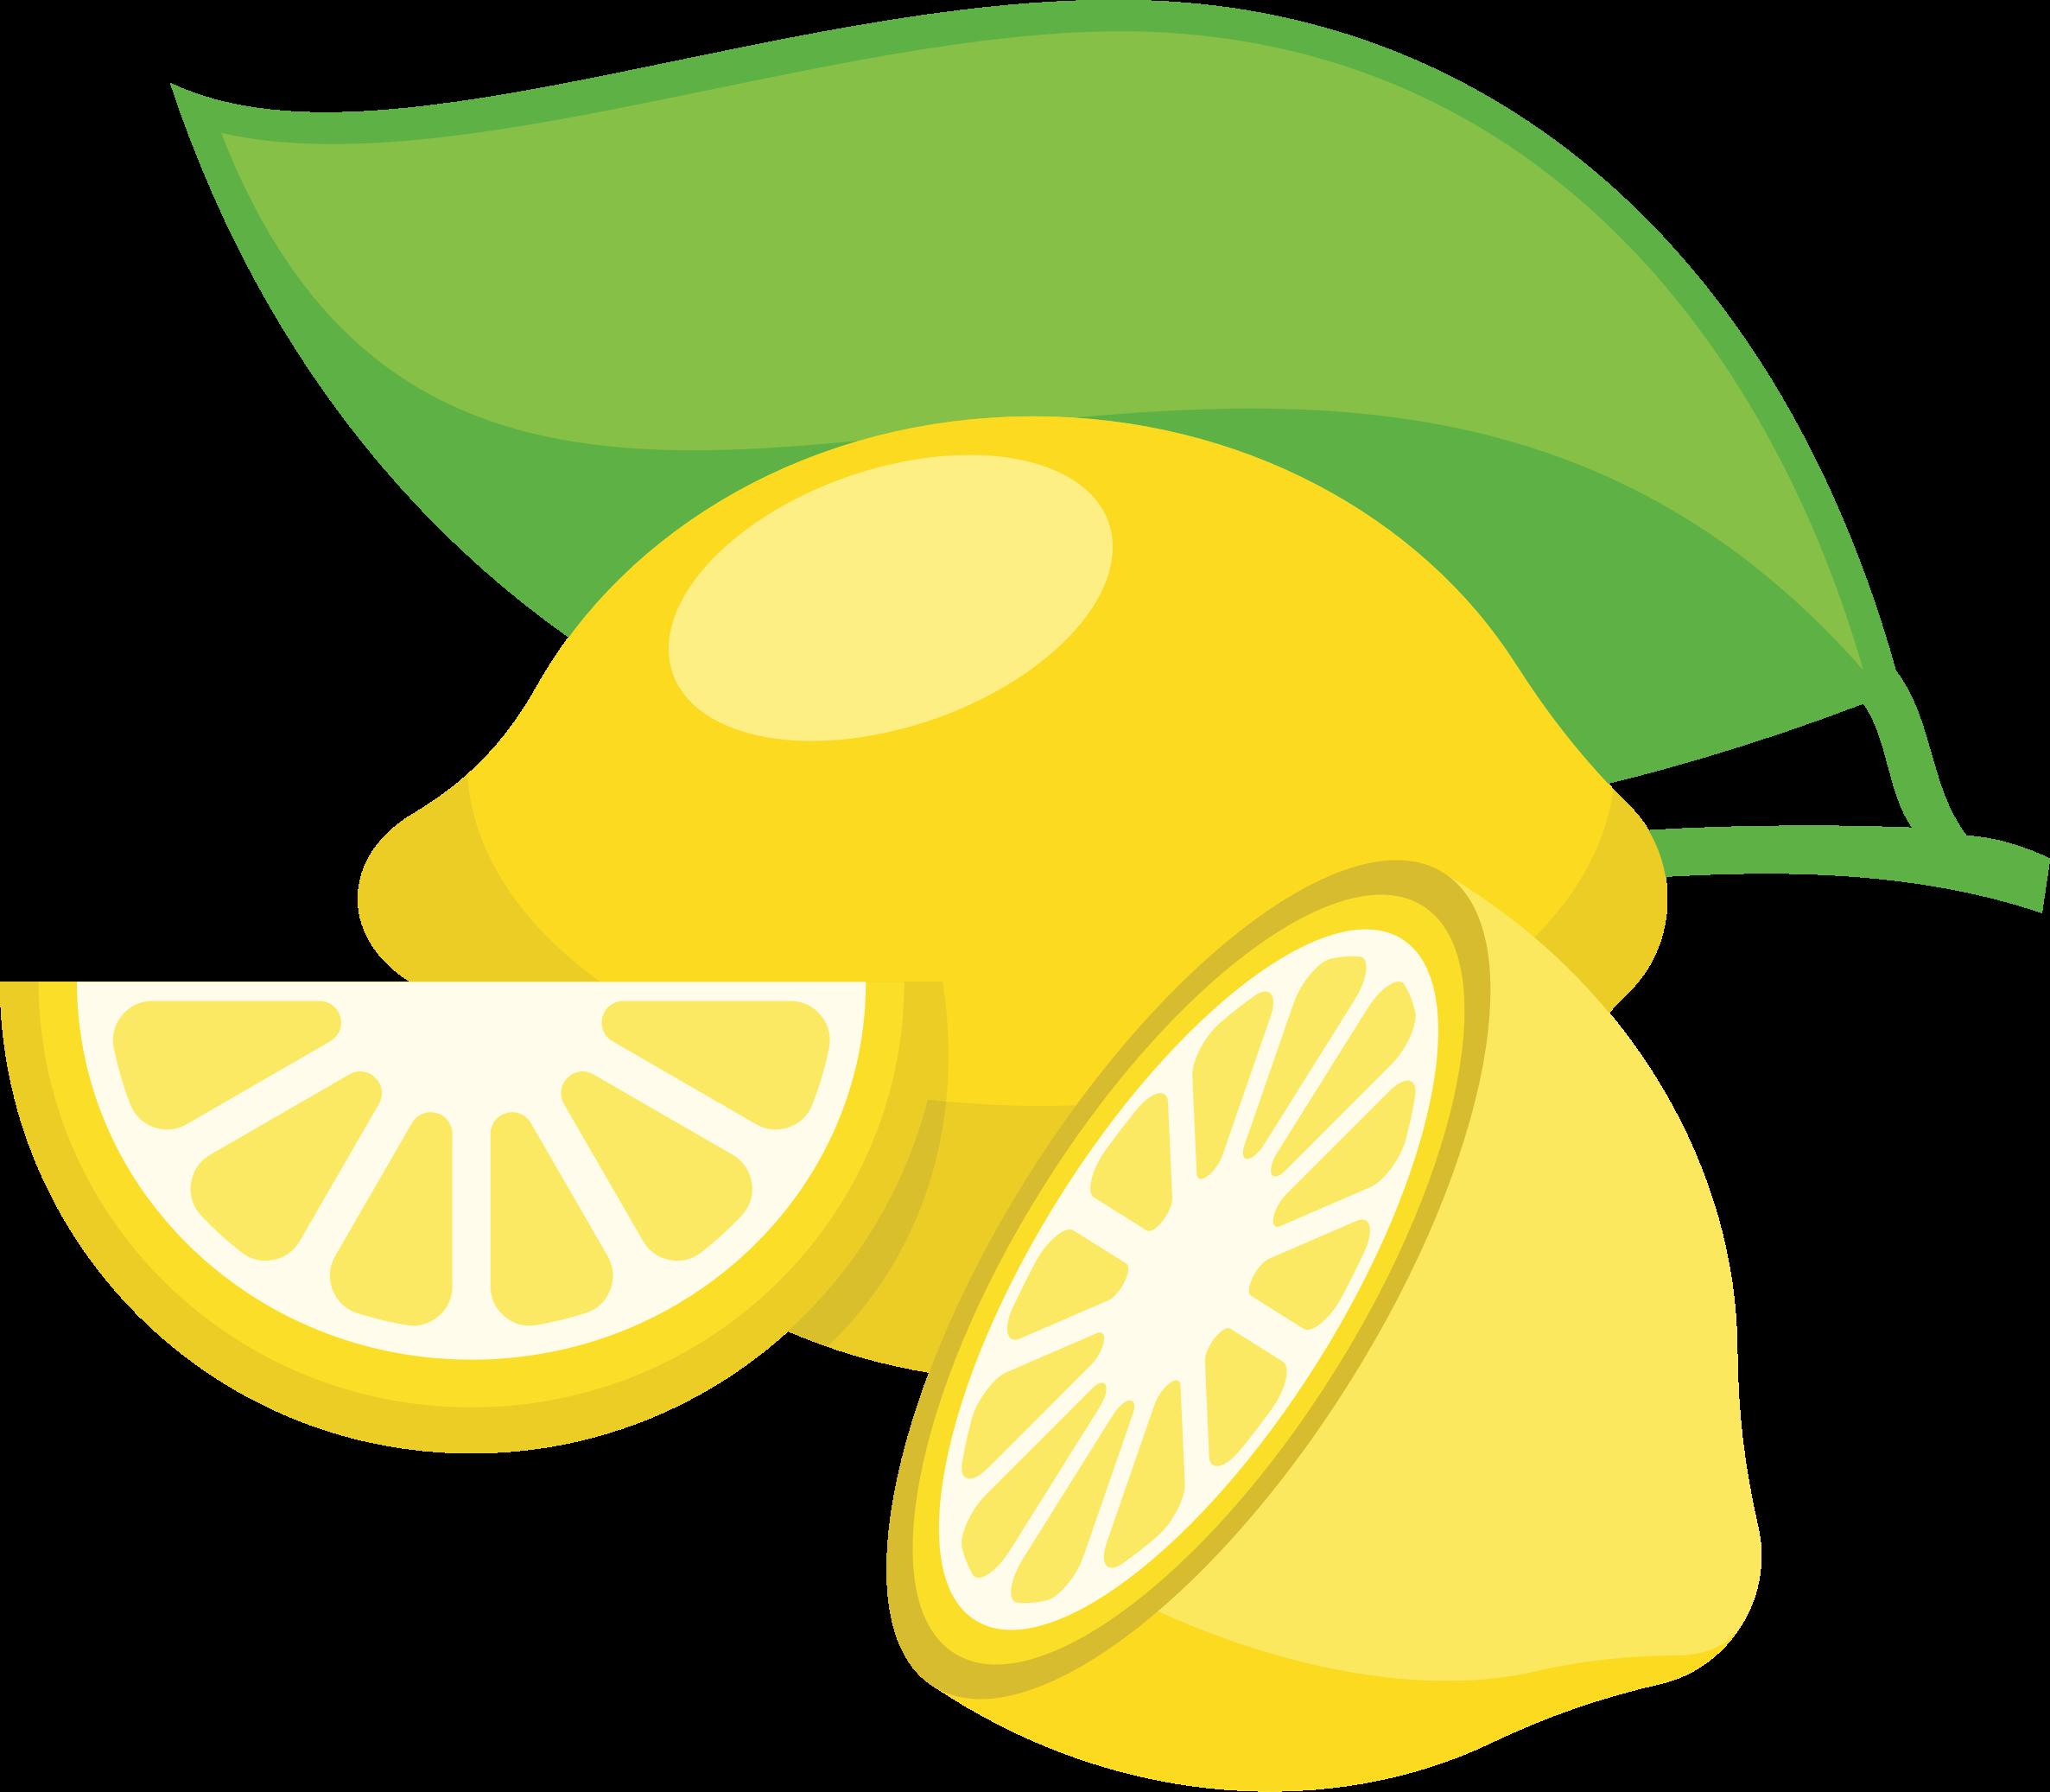 BIG IMAGE (PNG) - Lemon Clipart